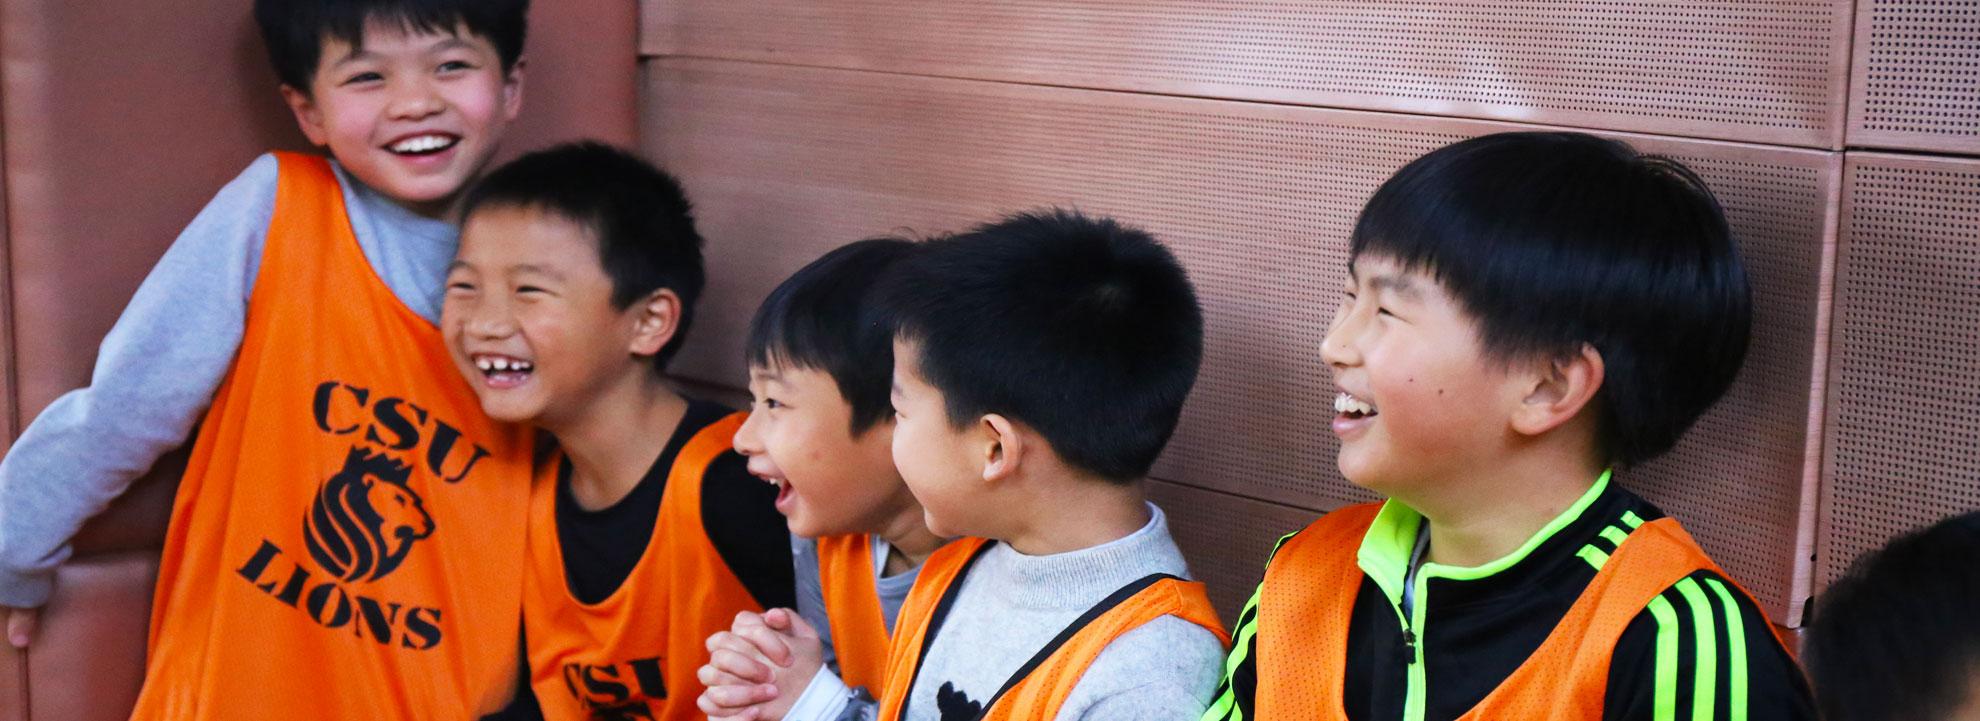 足球篮球游泳运动上海儿童青少年网球舞蹈芭蕾舞学校sports-shanghai-FRONTPAGE